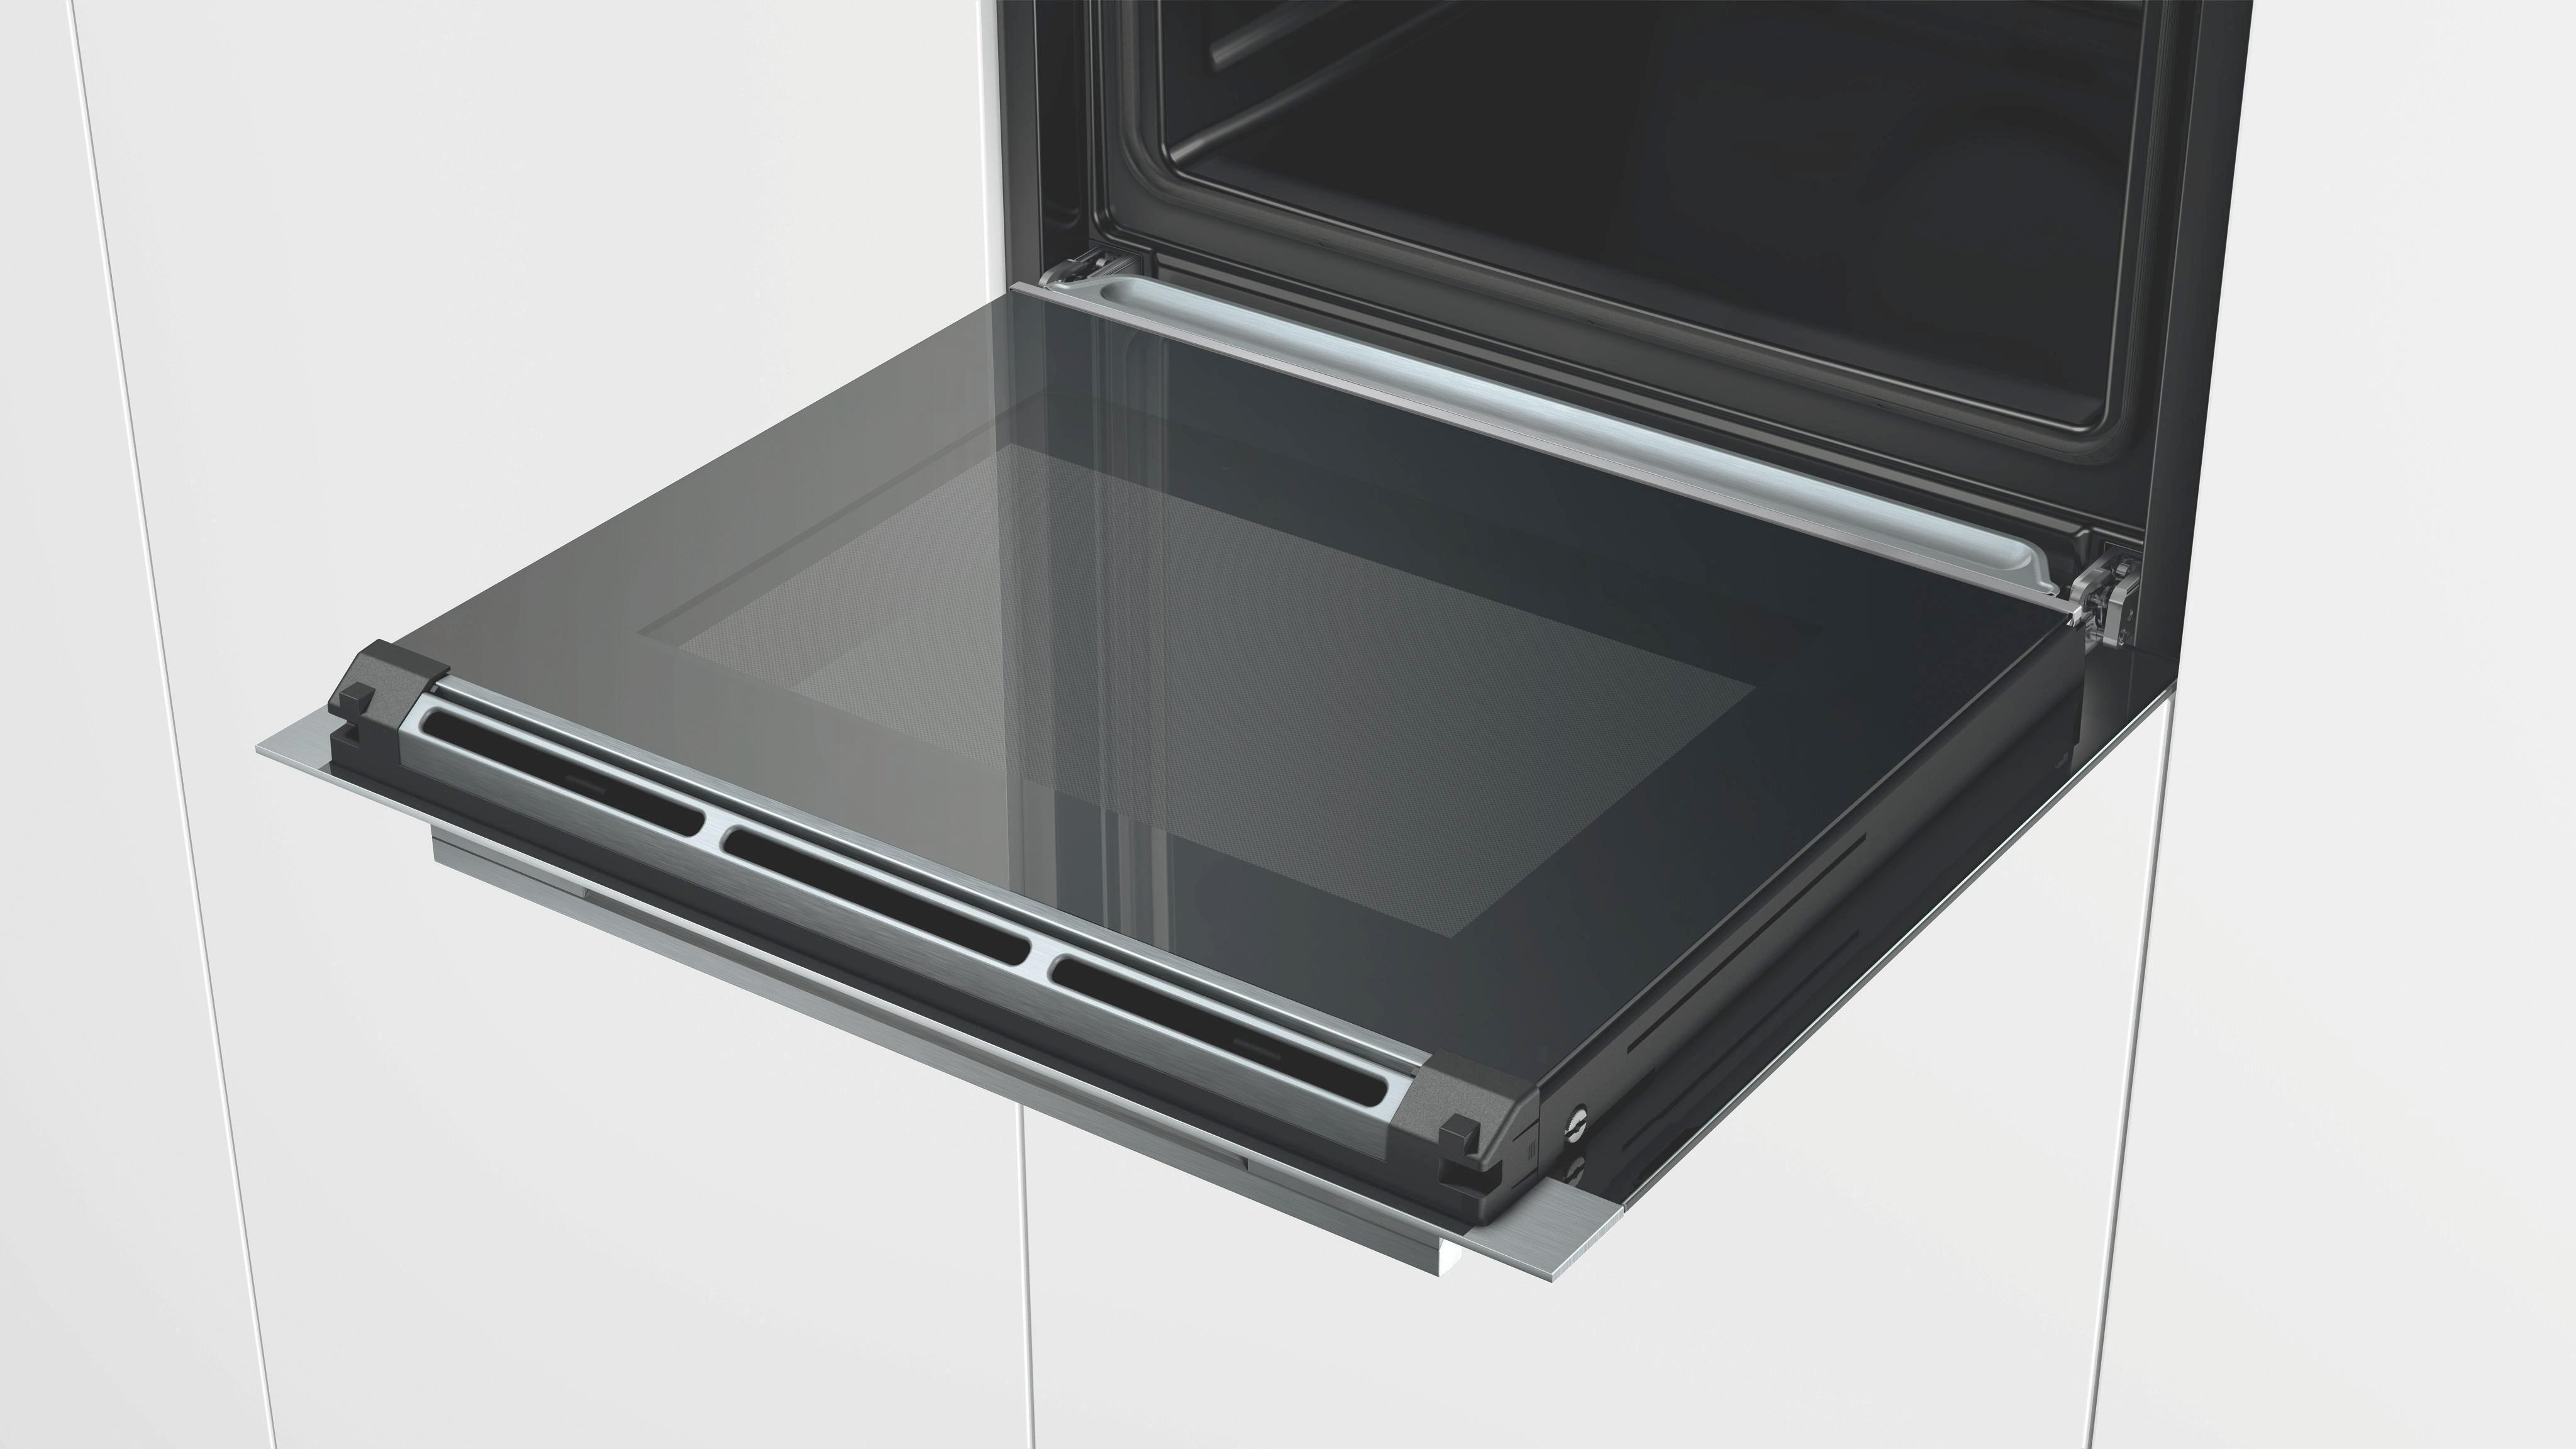 Dampfbackofen Siemens Hs636gds1, EEZ A+ - Glas/Metall (59,5/59,5/54,8cm) - SIEMENS